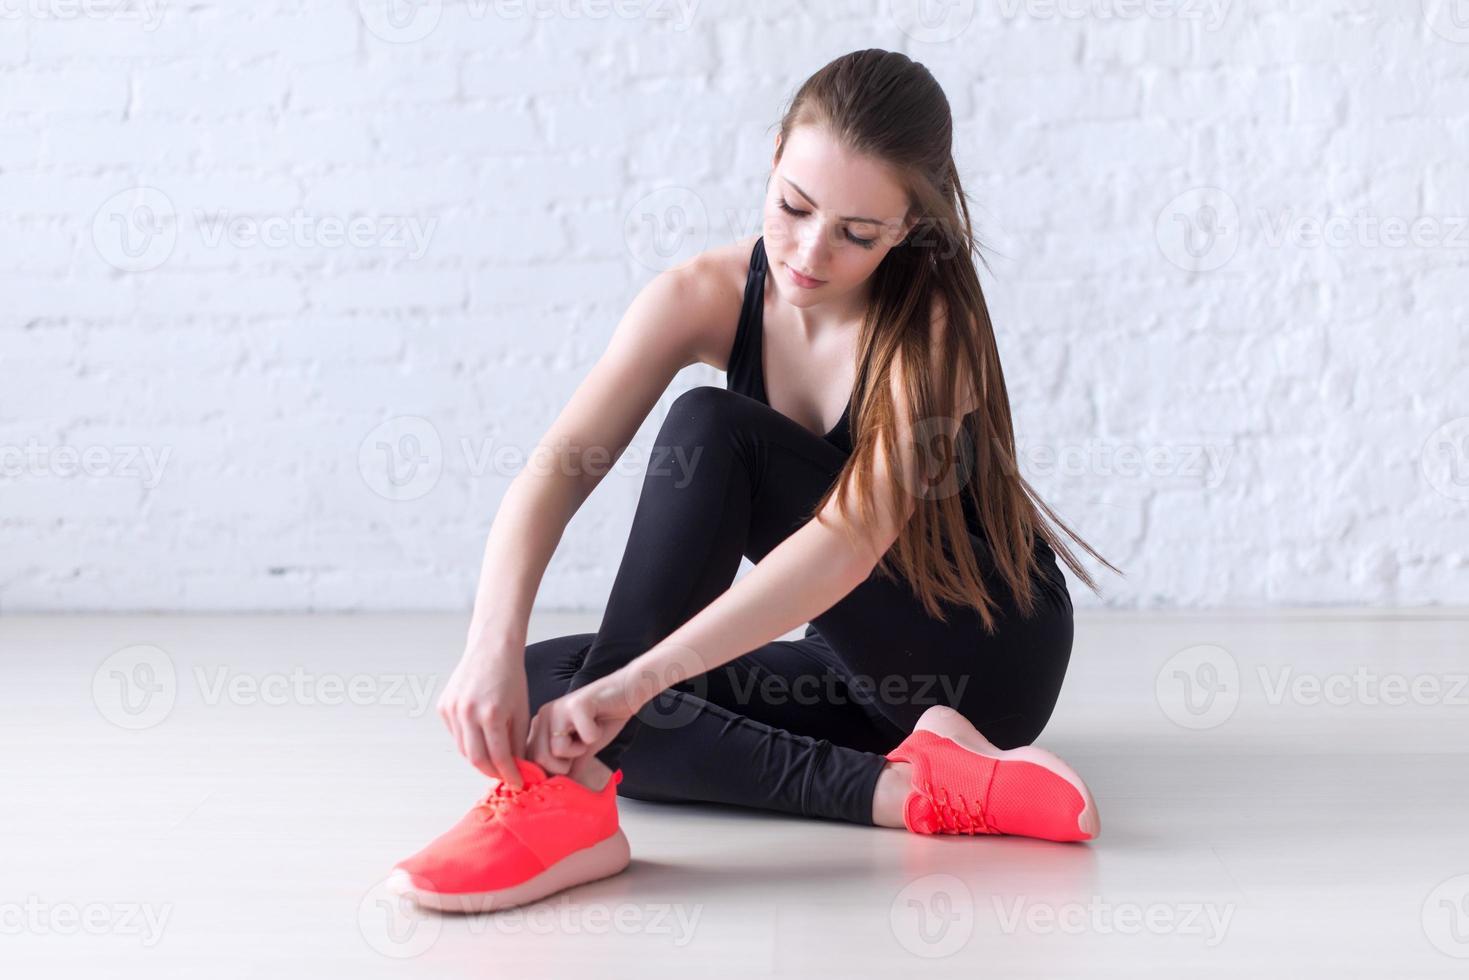 sportiga aktiva flickor snörning tränare sport skor knyter skor foto